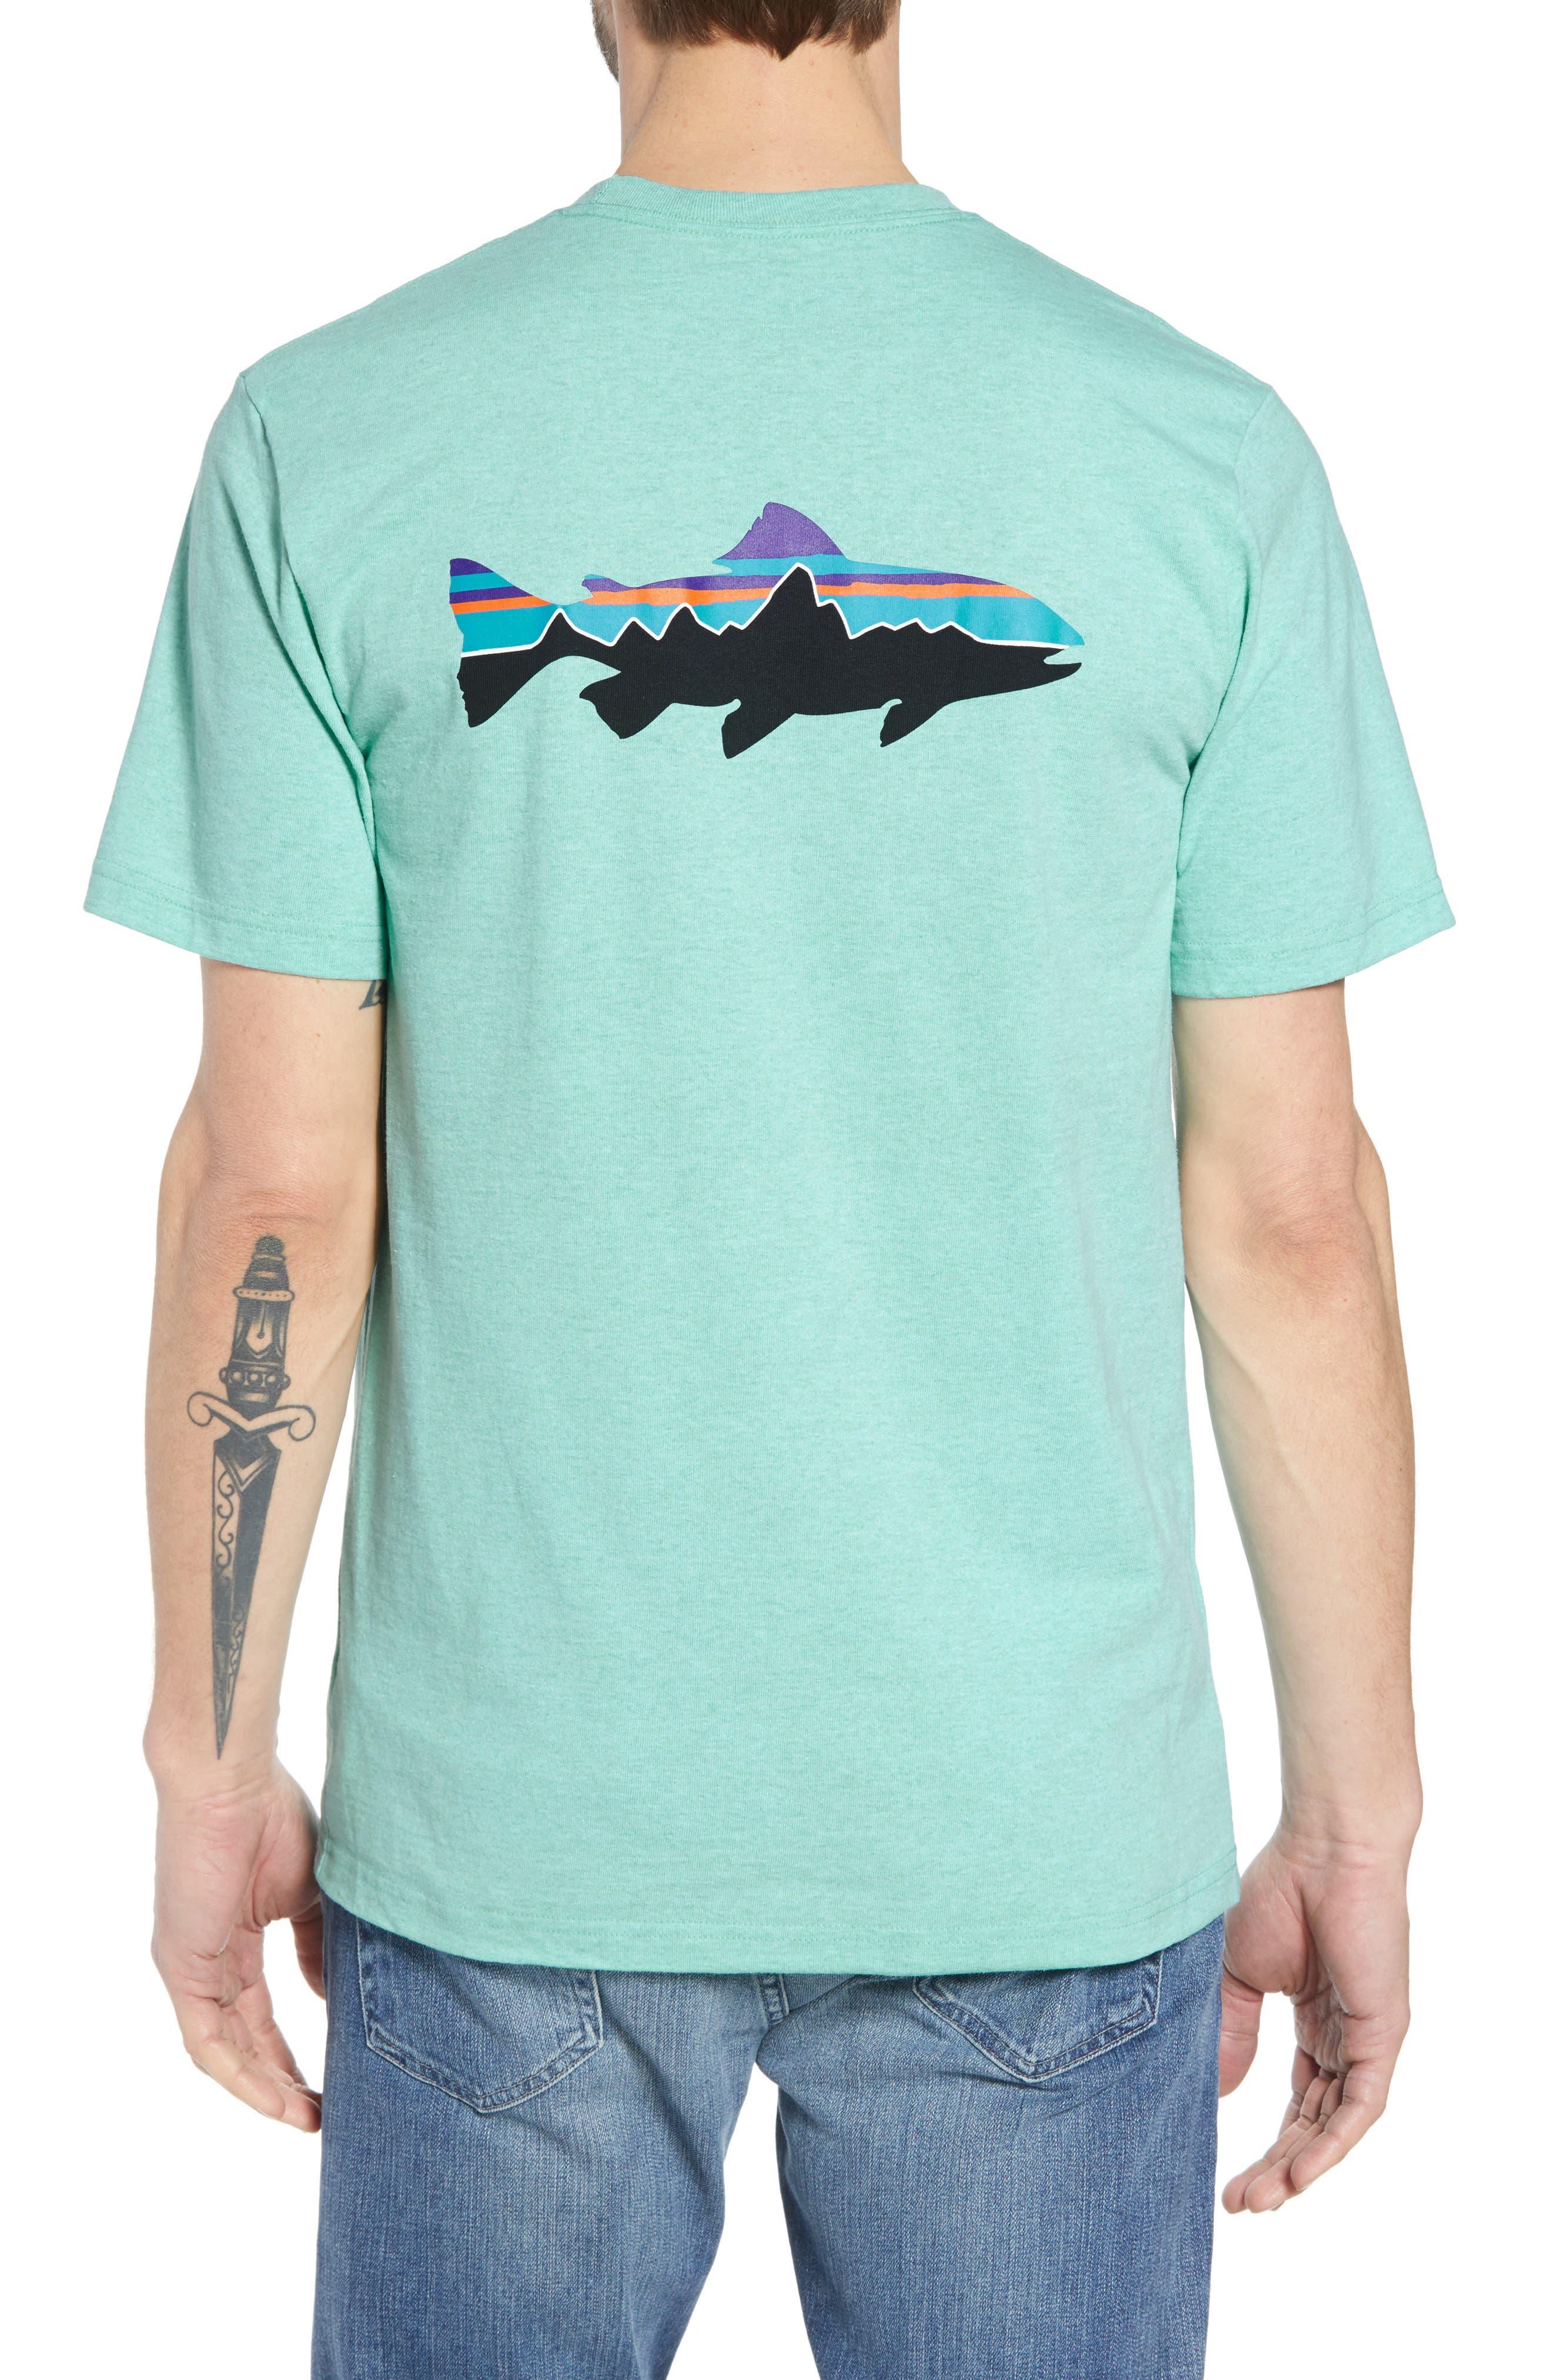 Fitz Roy Trout Crewneck T-Shirt,                             Alternate thumbnail 9, color,                             Bend Blue